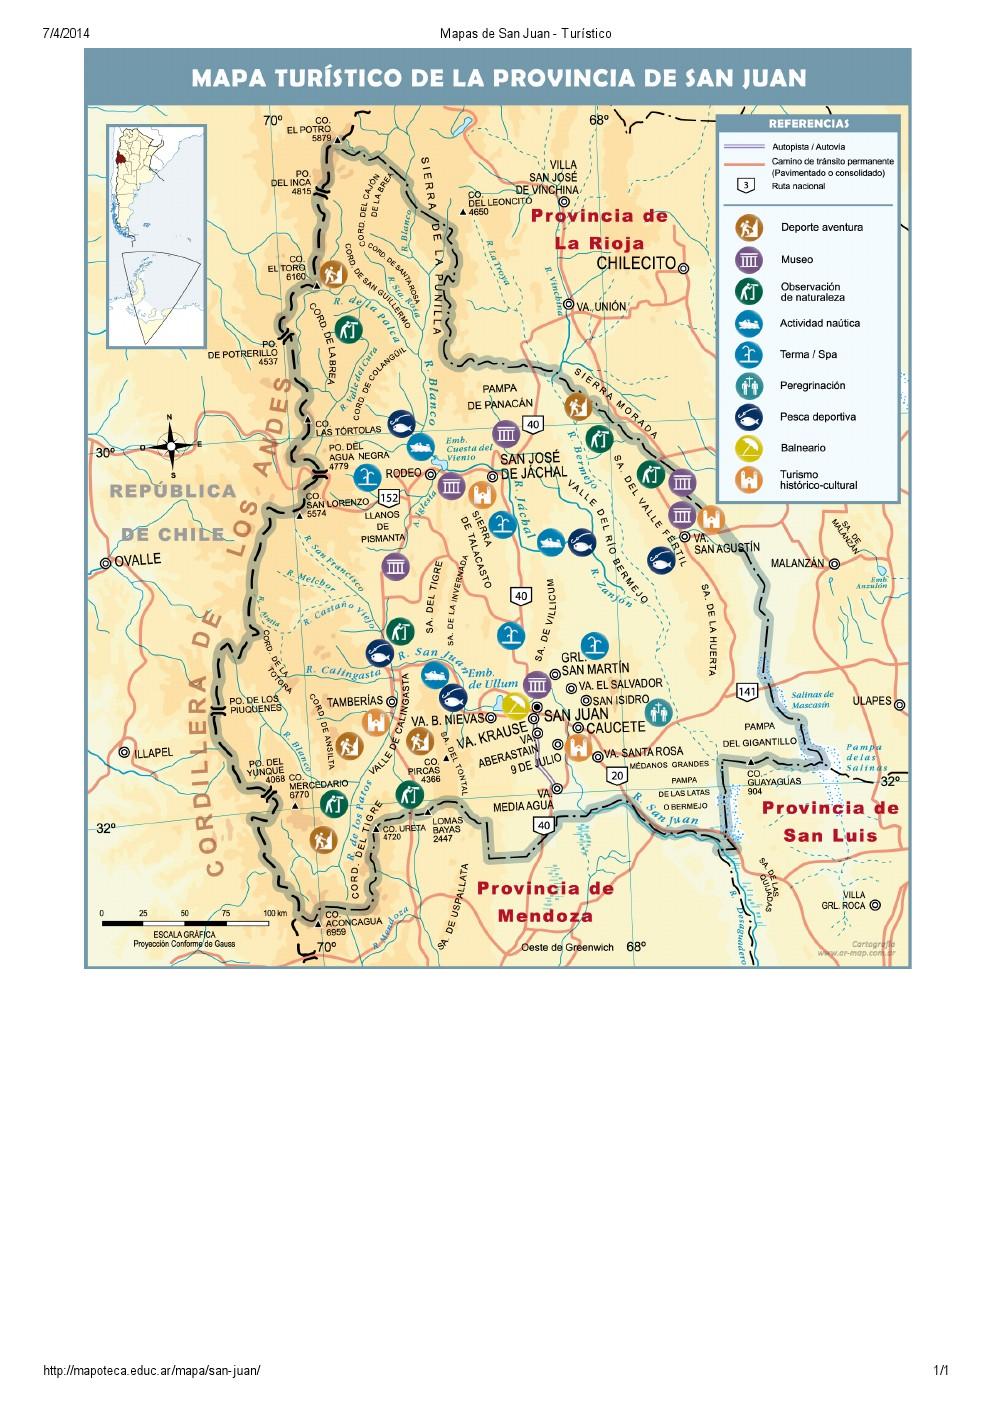 Mapa turístico de San Juan. Mapoteca de Educ.ar